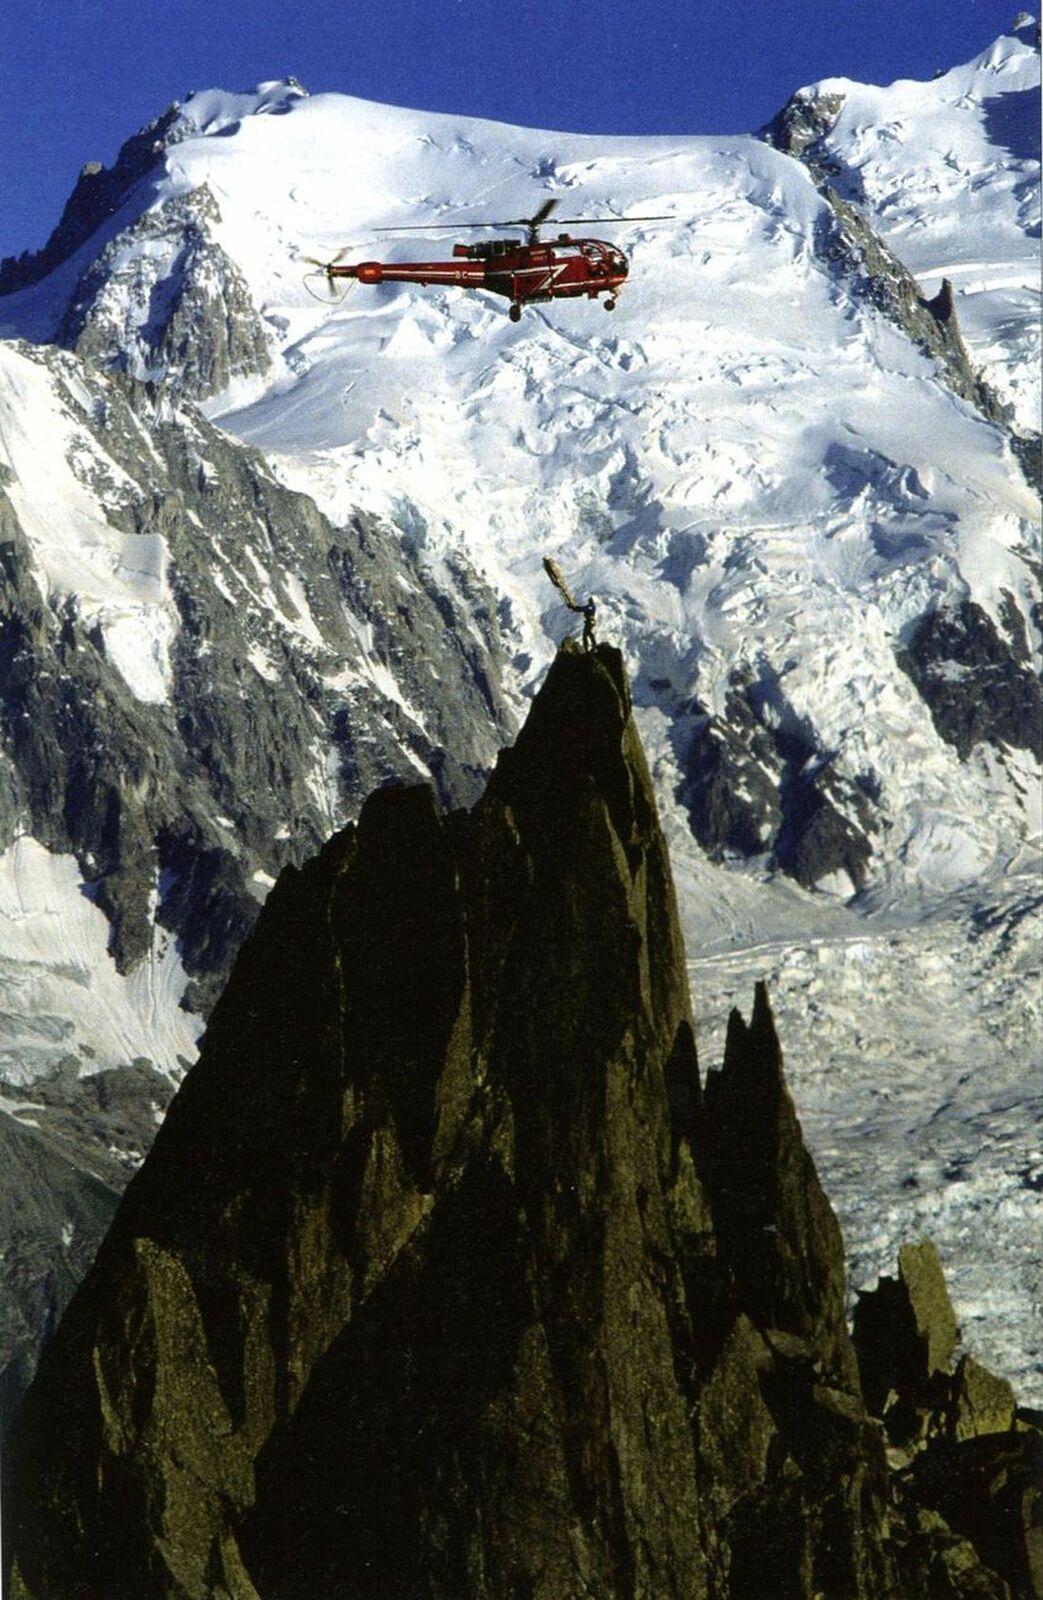 Treuillage sur le clocher de Planpraz, au fond le mont Blanc du Tacul.